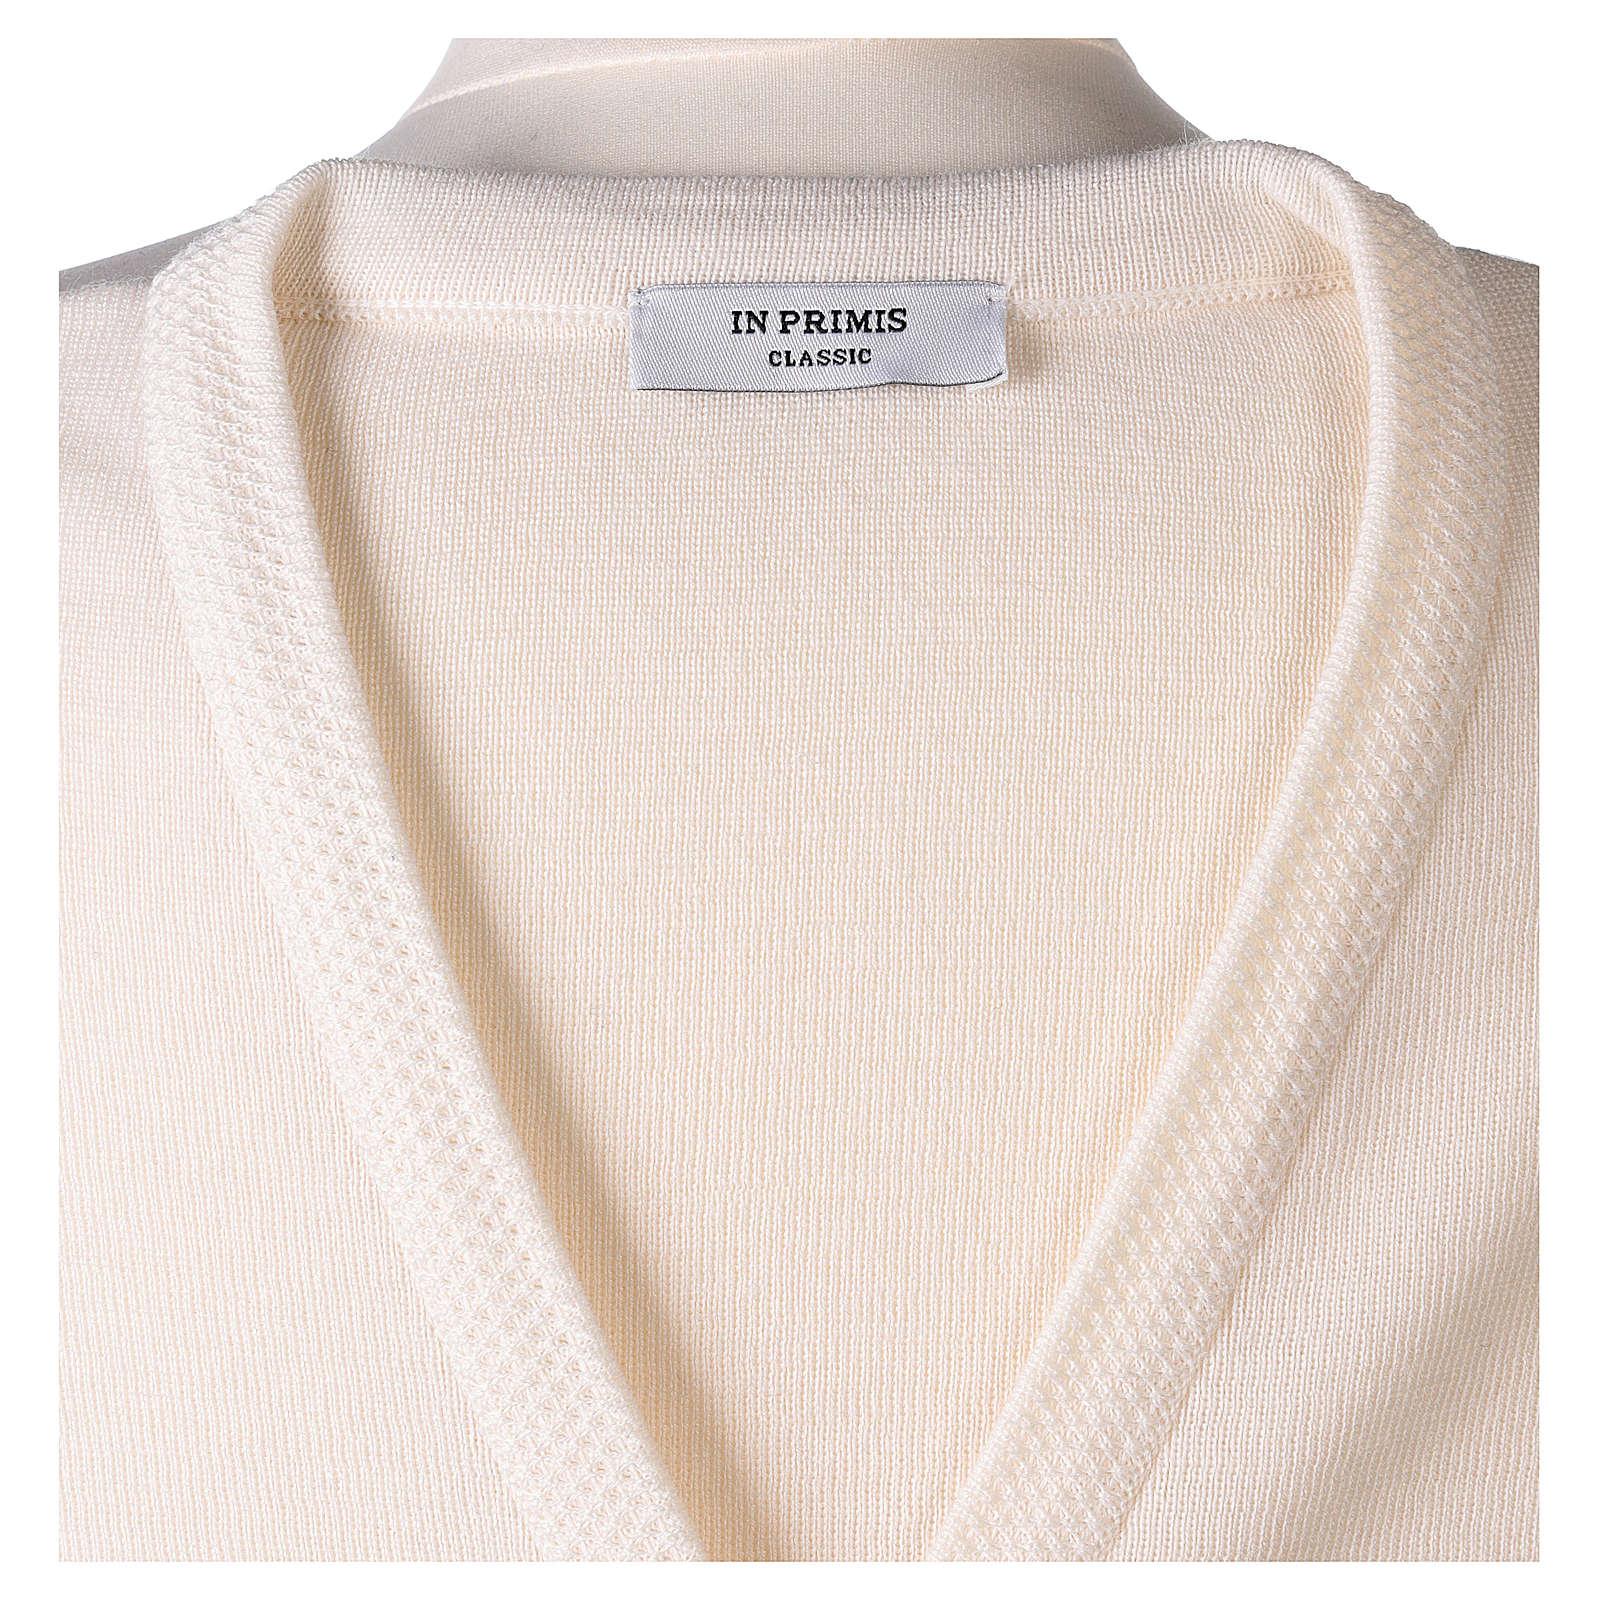 Cardigan suora bianco collo V tasche maglia unita 50% acrilico 50% lana merino  In Primis 4